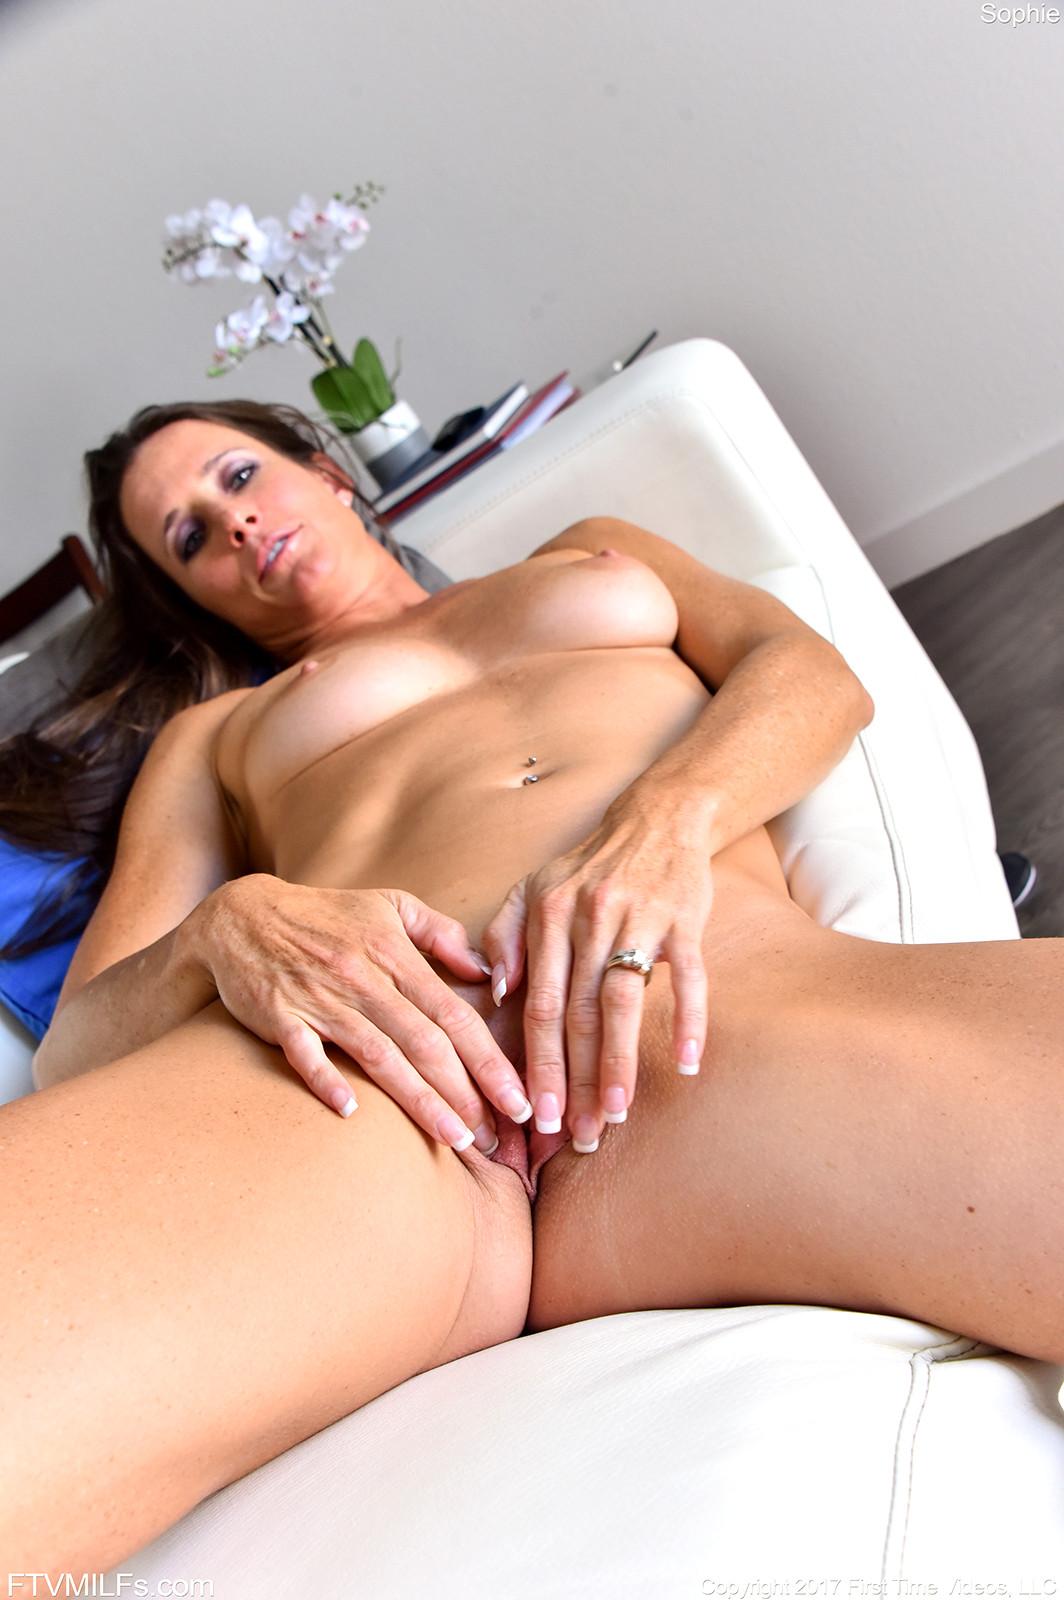 Pics sex porn-8326